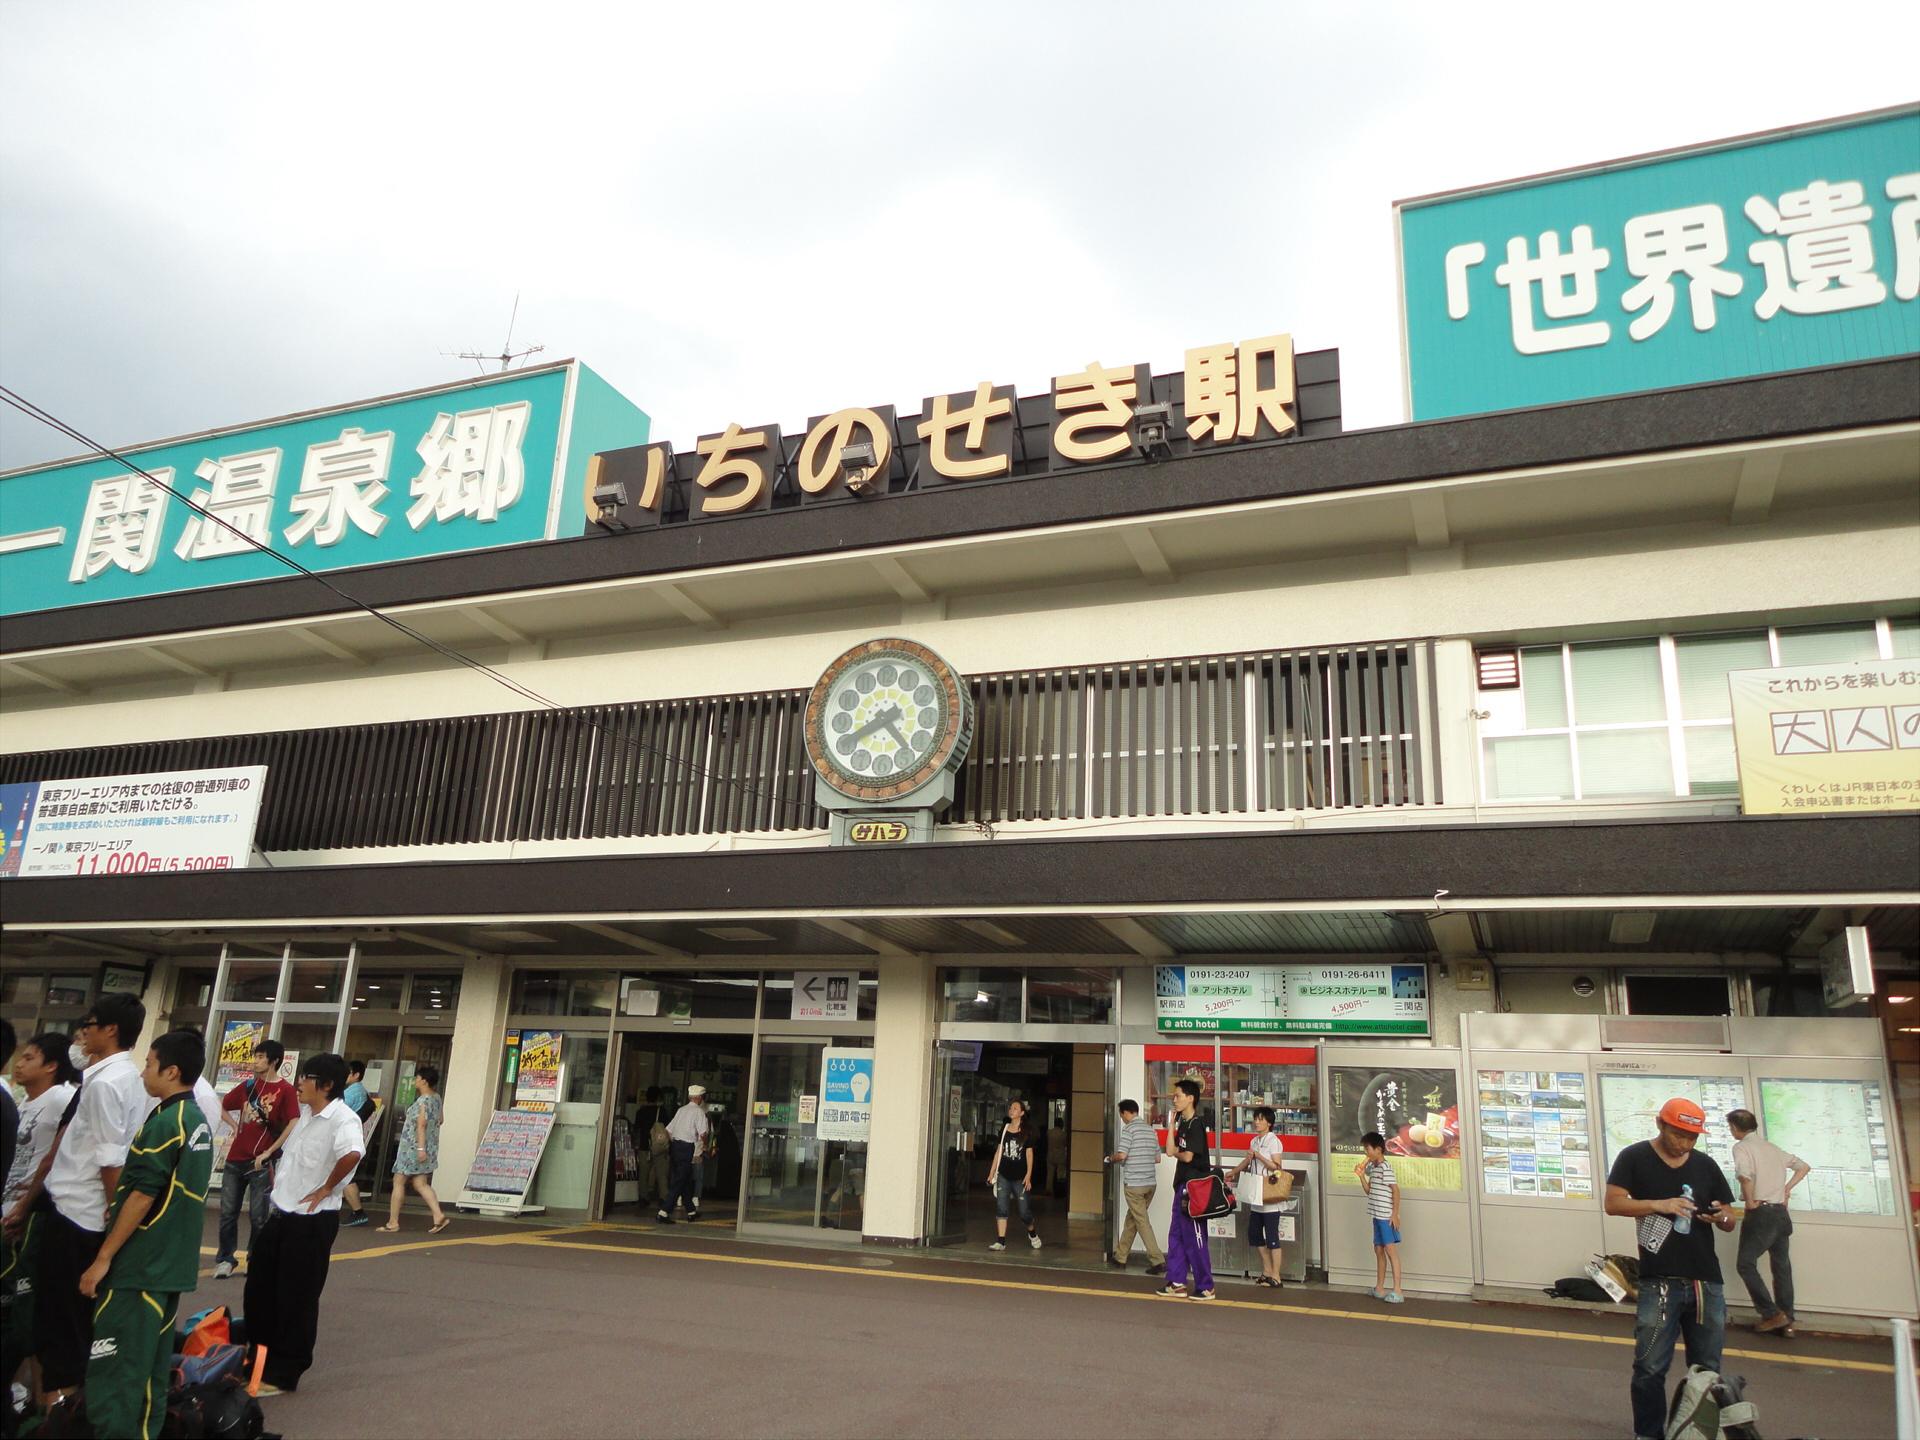 一ノ関駅(岩手県) | Trains ト...